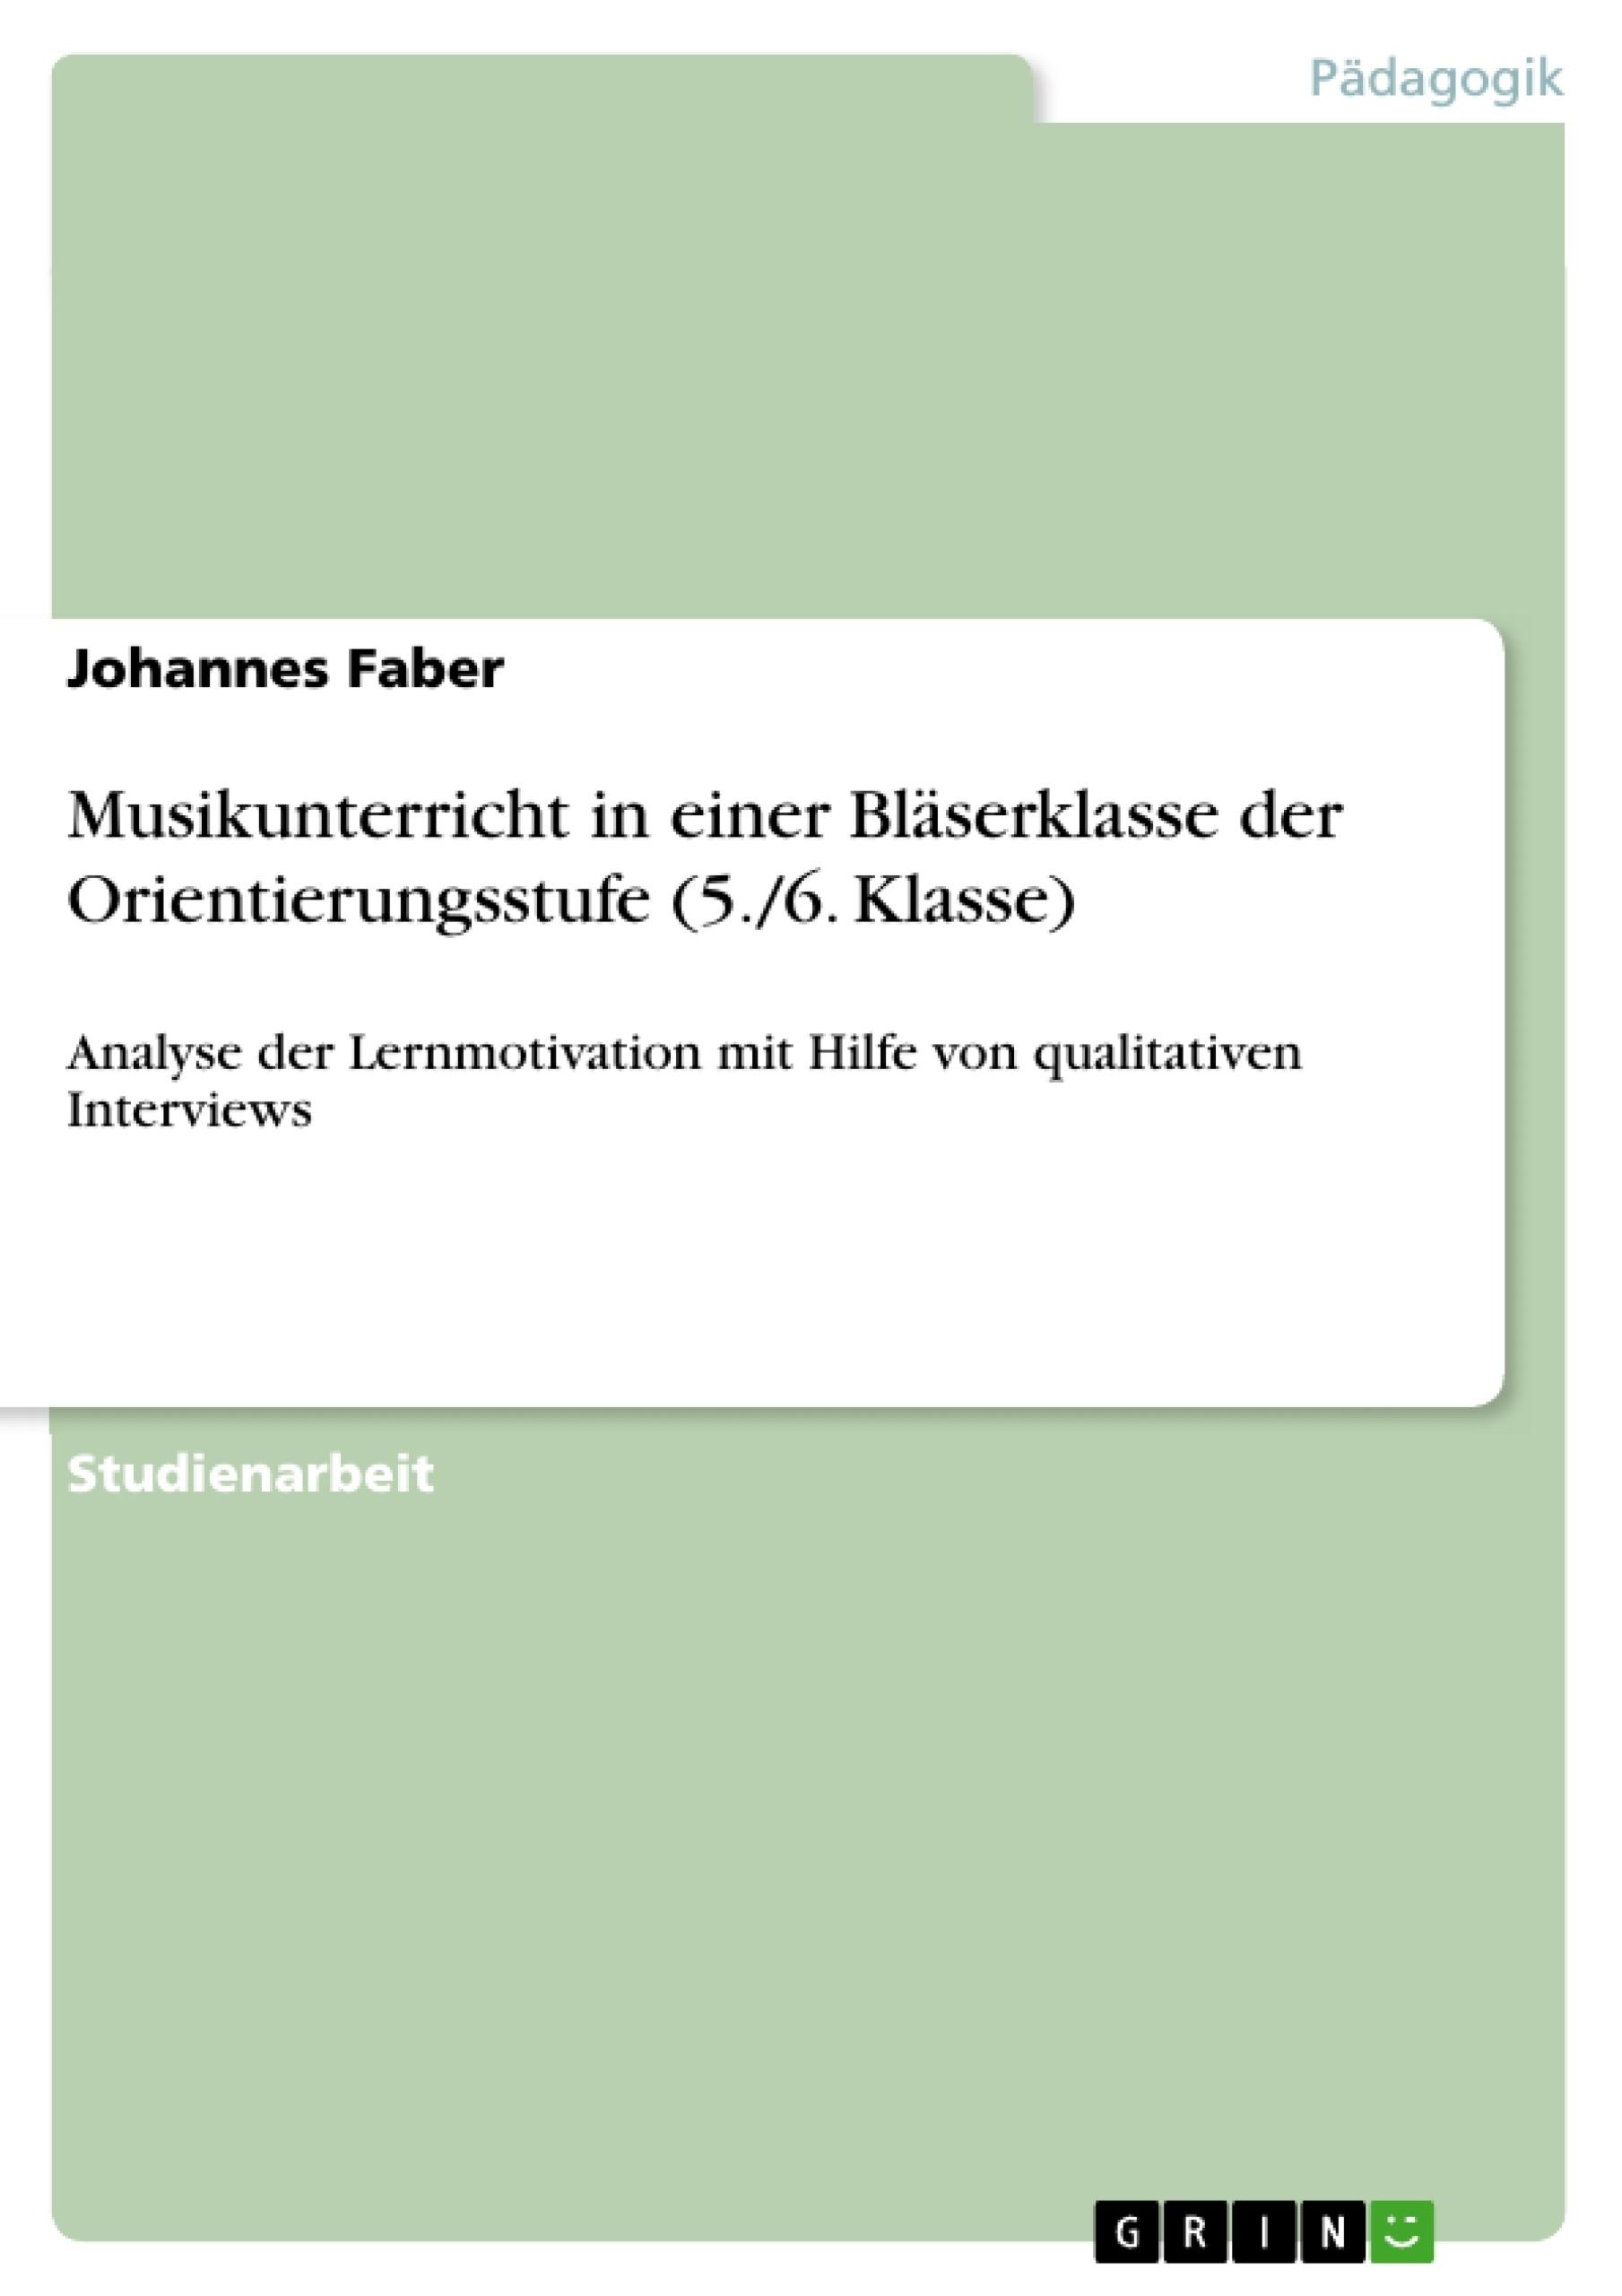 Titel: Musikunterricht in einer Bläserklasse der Orientierungsstufe (5./6. Klasse)